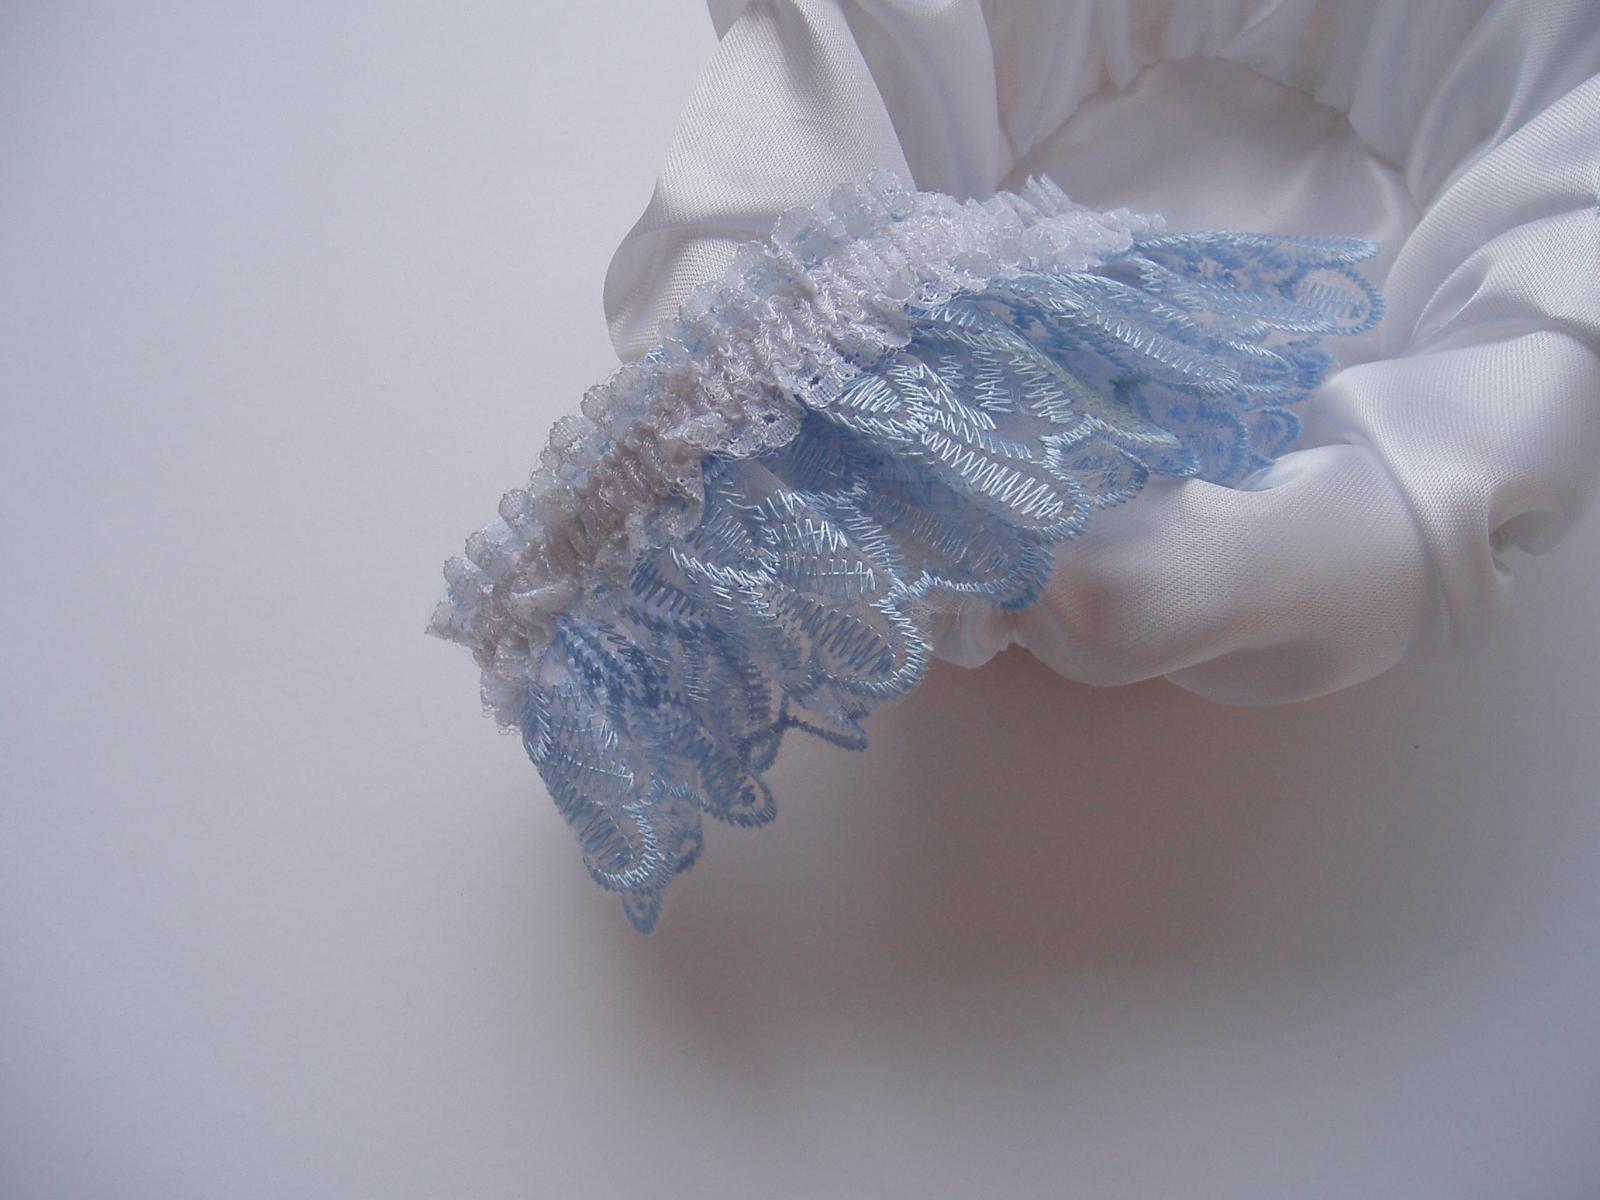 podvazek modrý - Obrázek č. 1